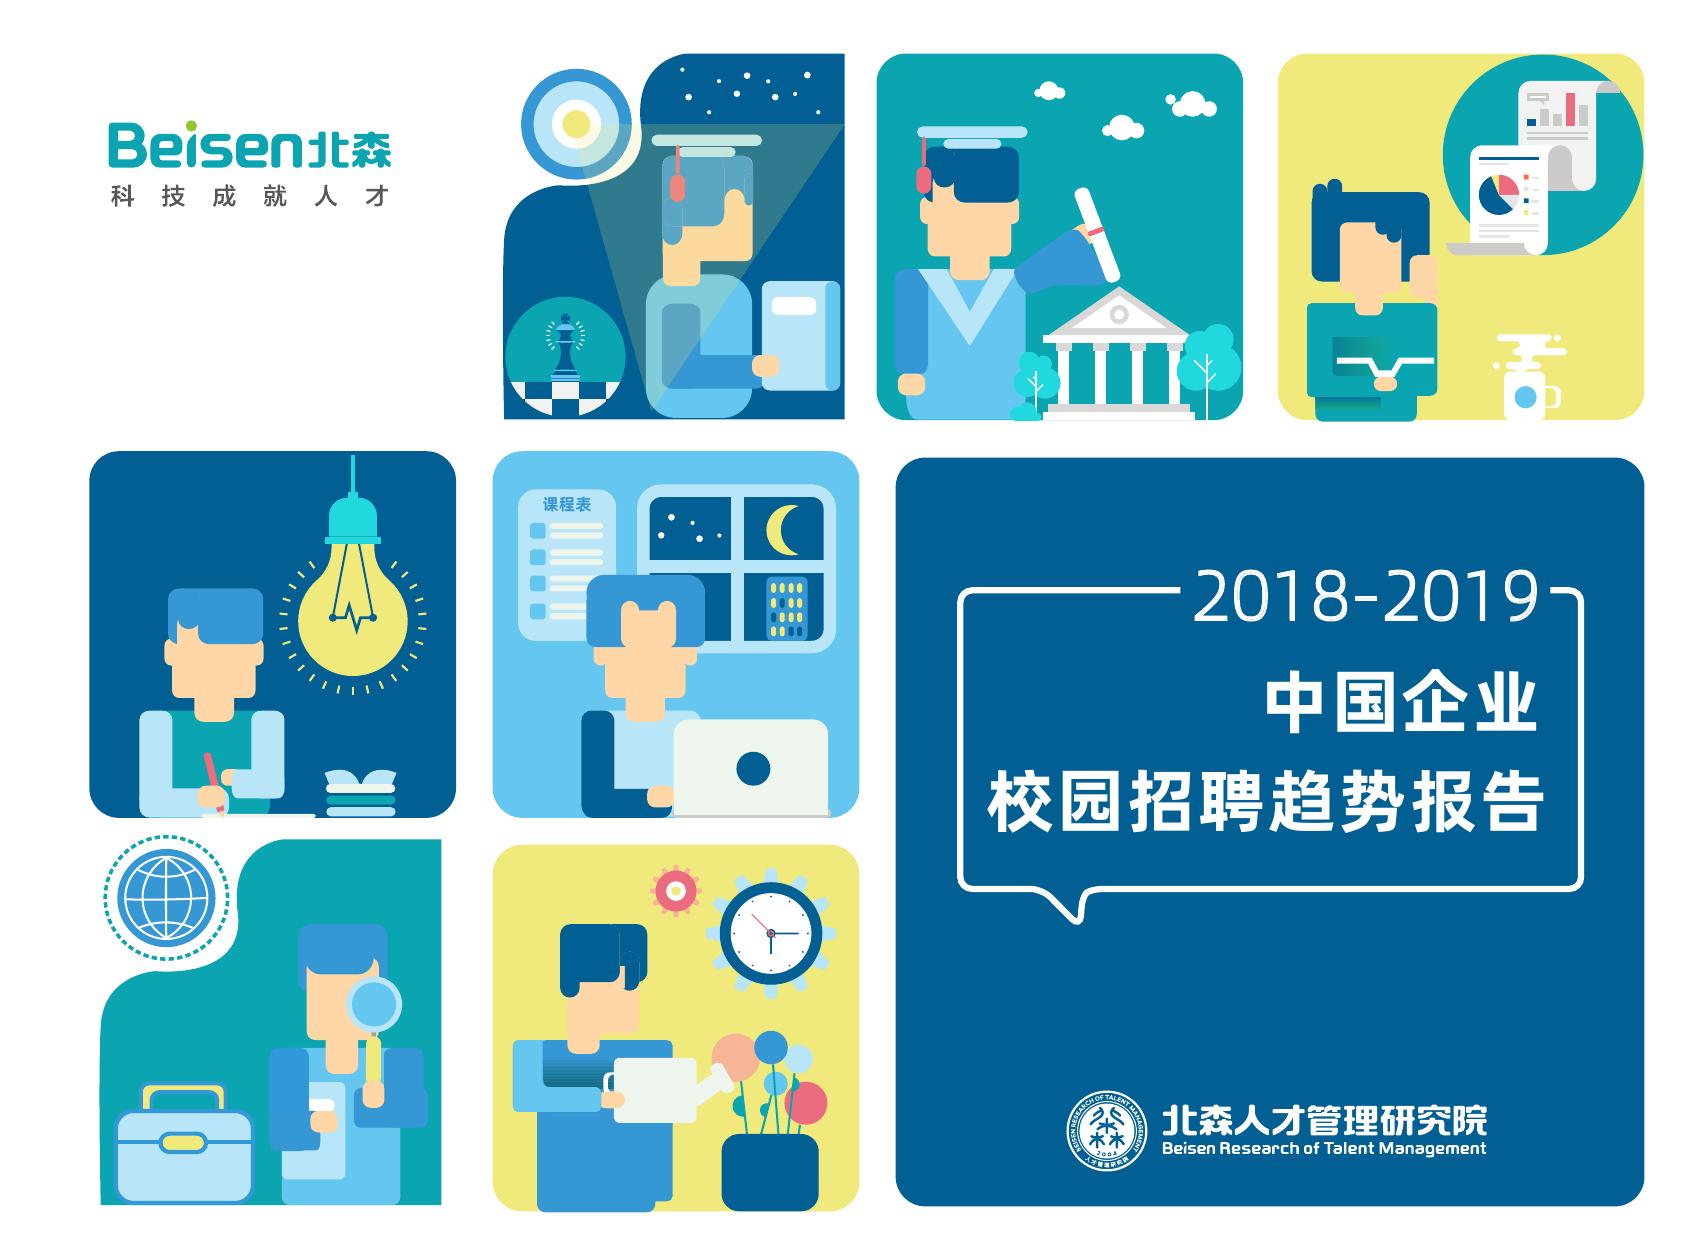 北森:2018-2019中国企业校园招聘趋势报告(附下载)